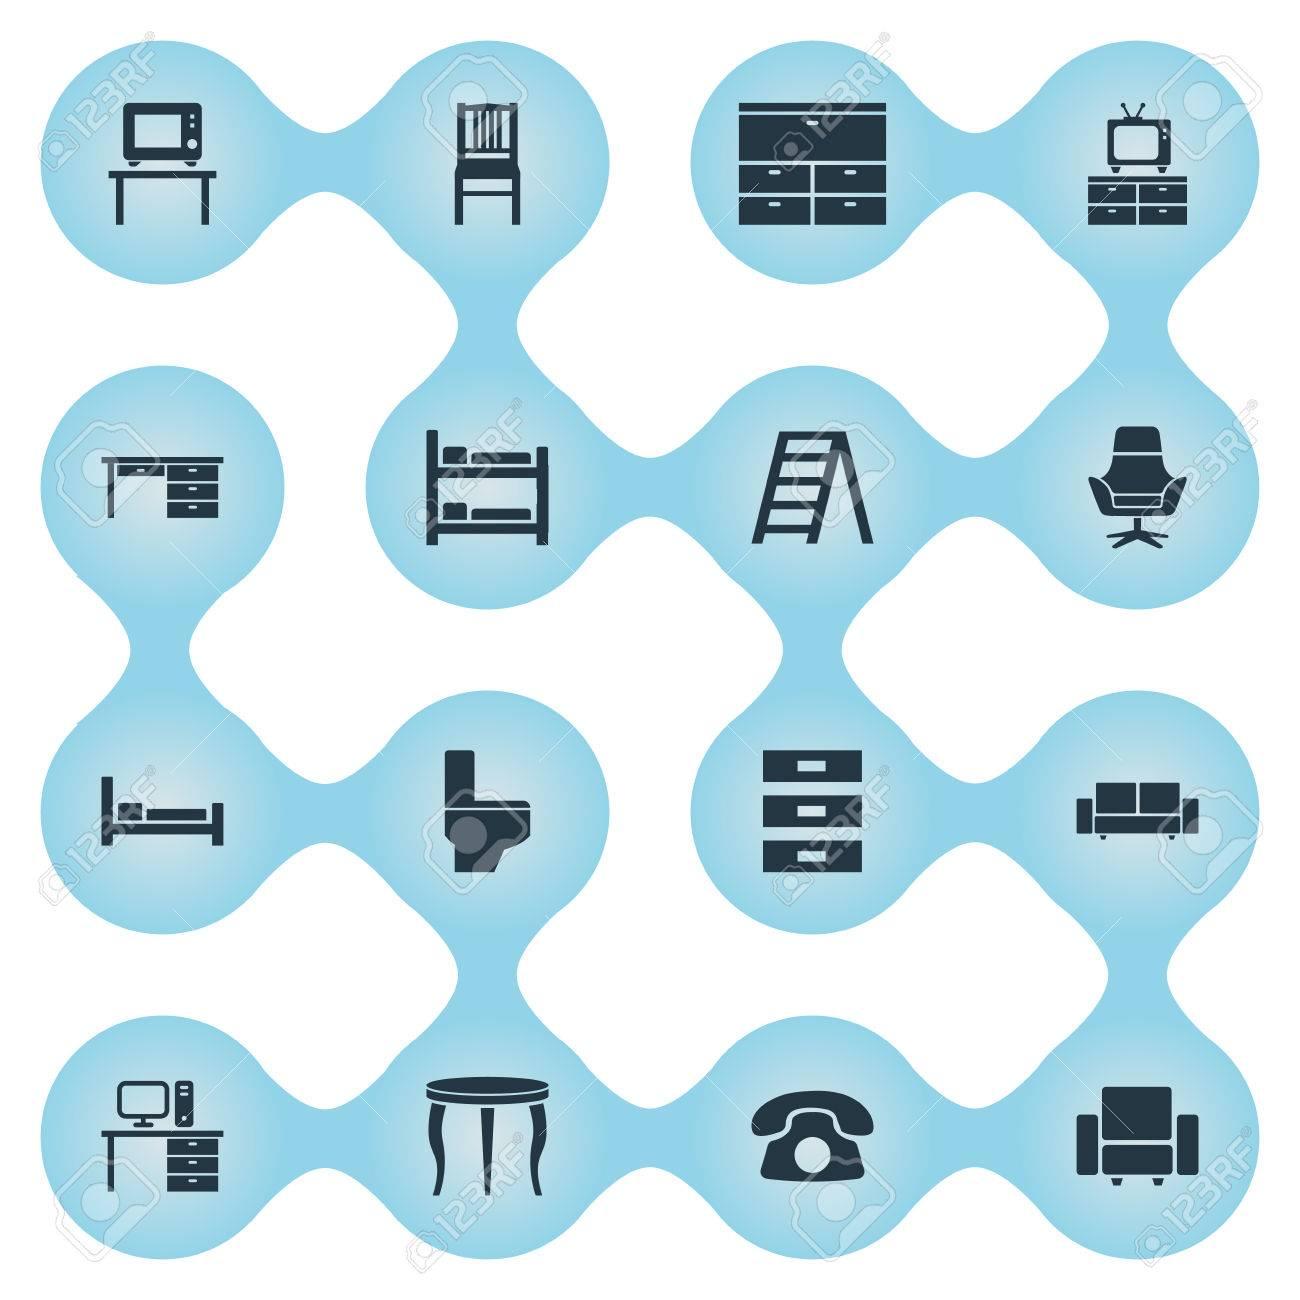 Vektor-Illustration Satz Einfache Möbel-Ikonen. Elemente Stillage ...